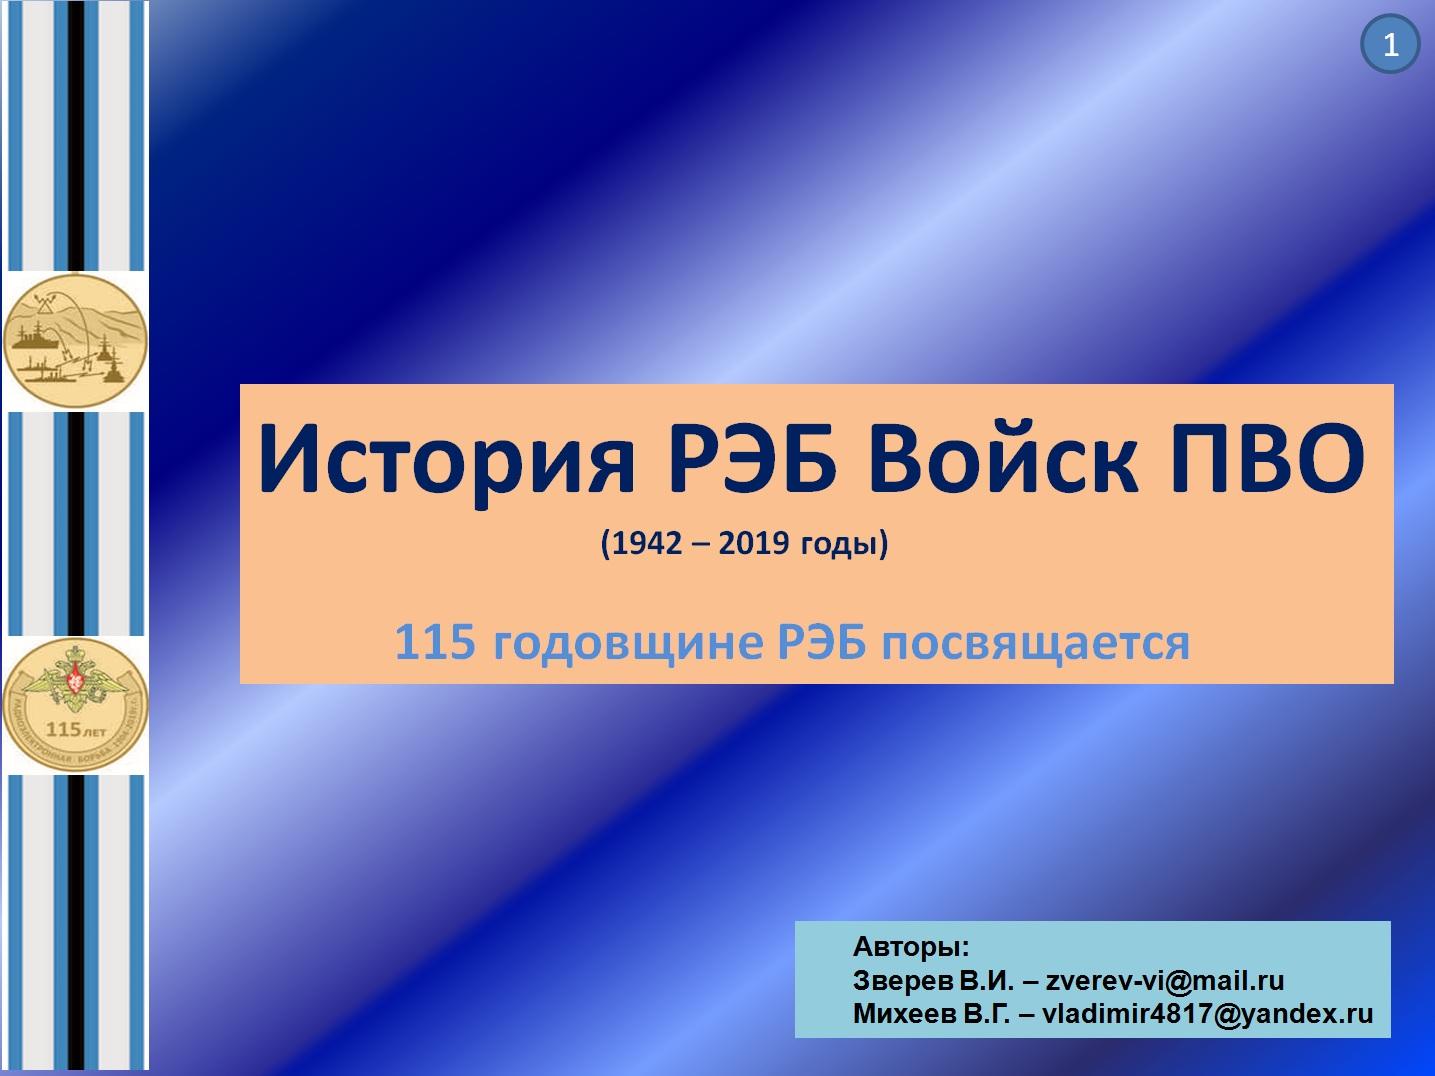 konf_115/pvo_01